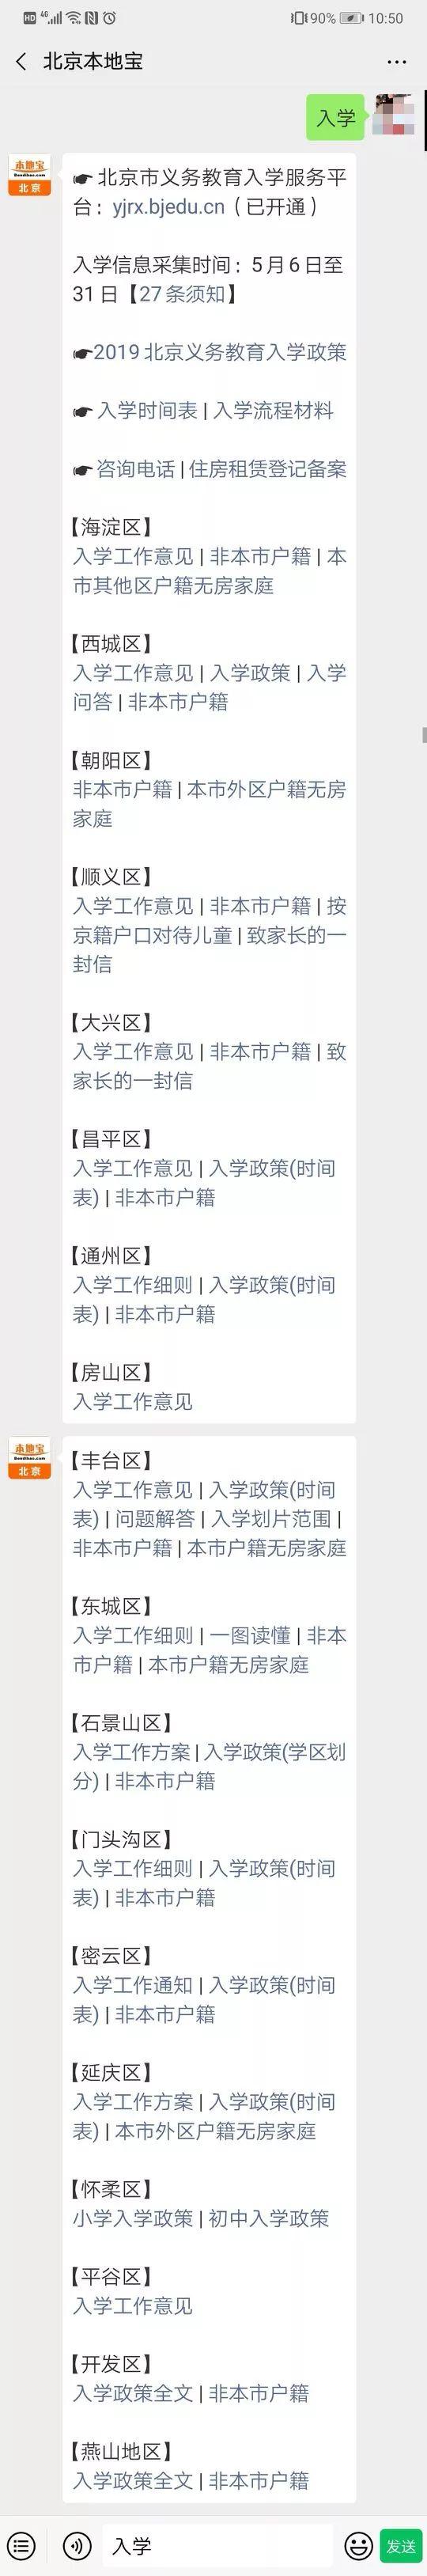 2019年西城区小学学区划分(入学划片)一览表